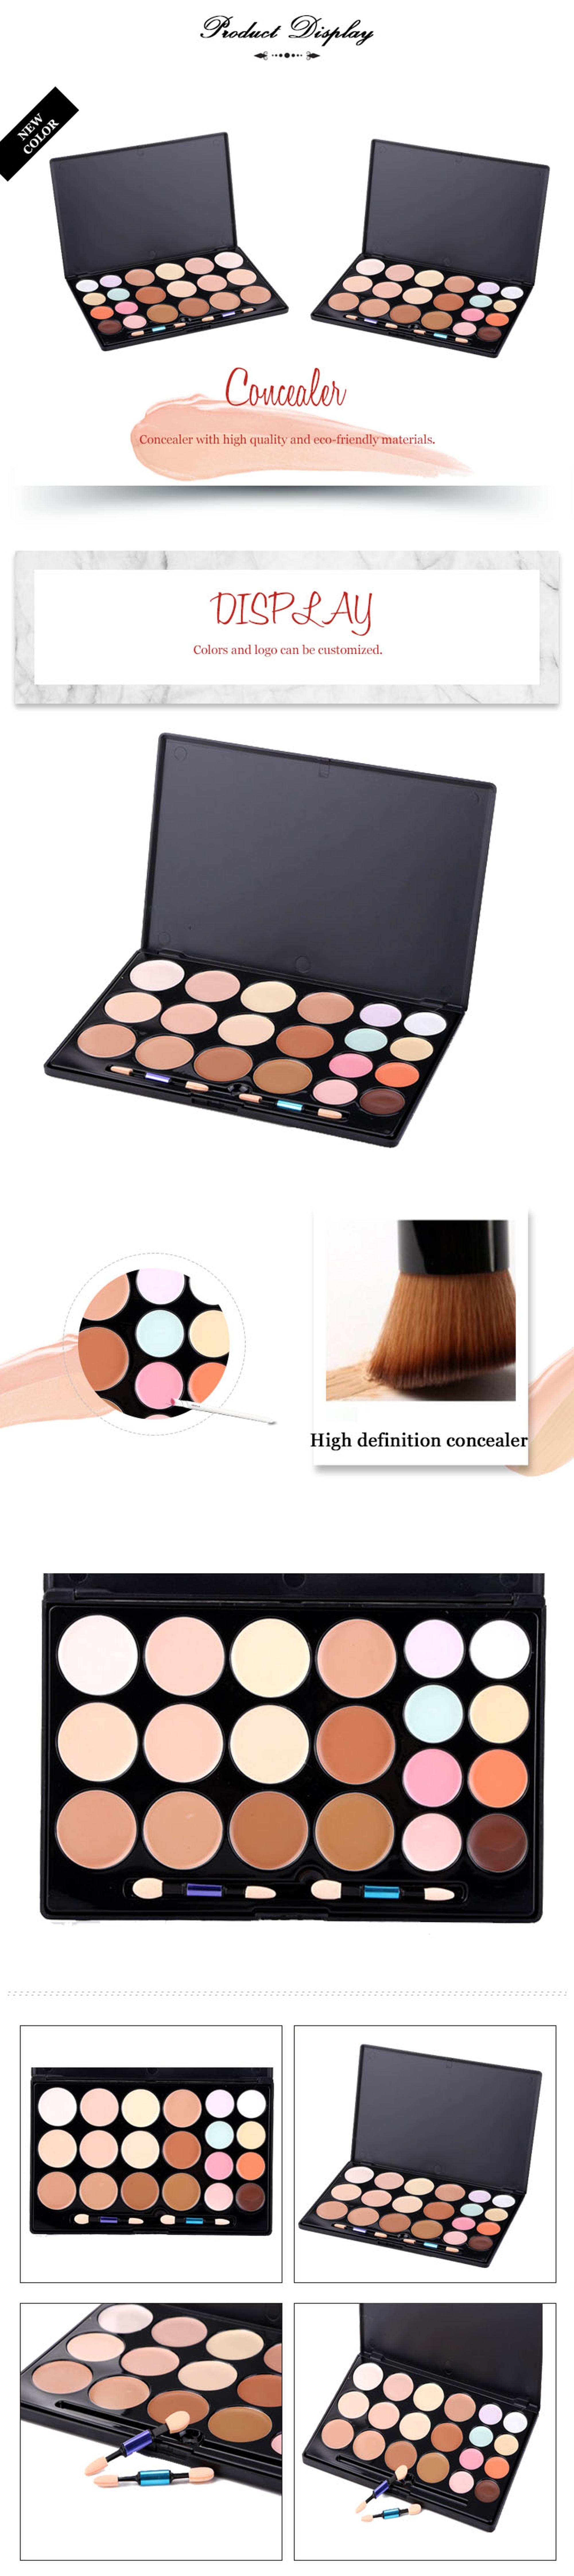 Best Selling Face Makeup Concealer 20 Color Name Brand Makeup Concealer